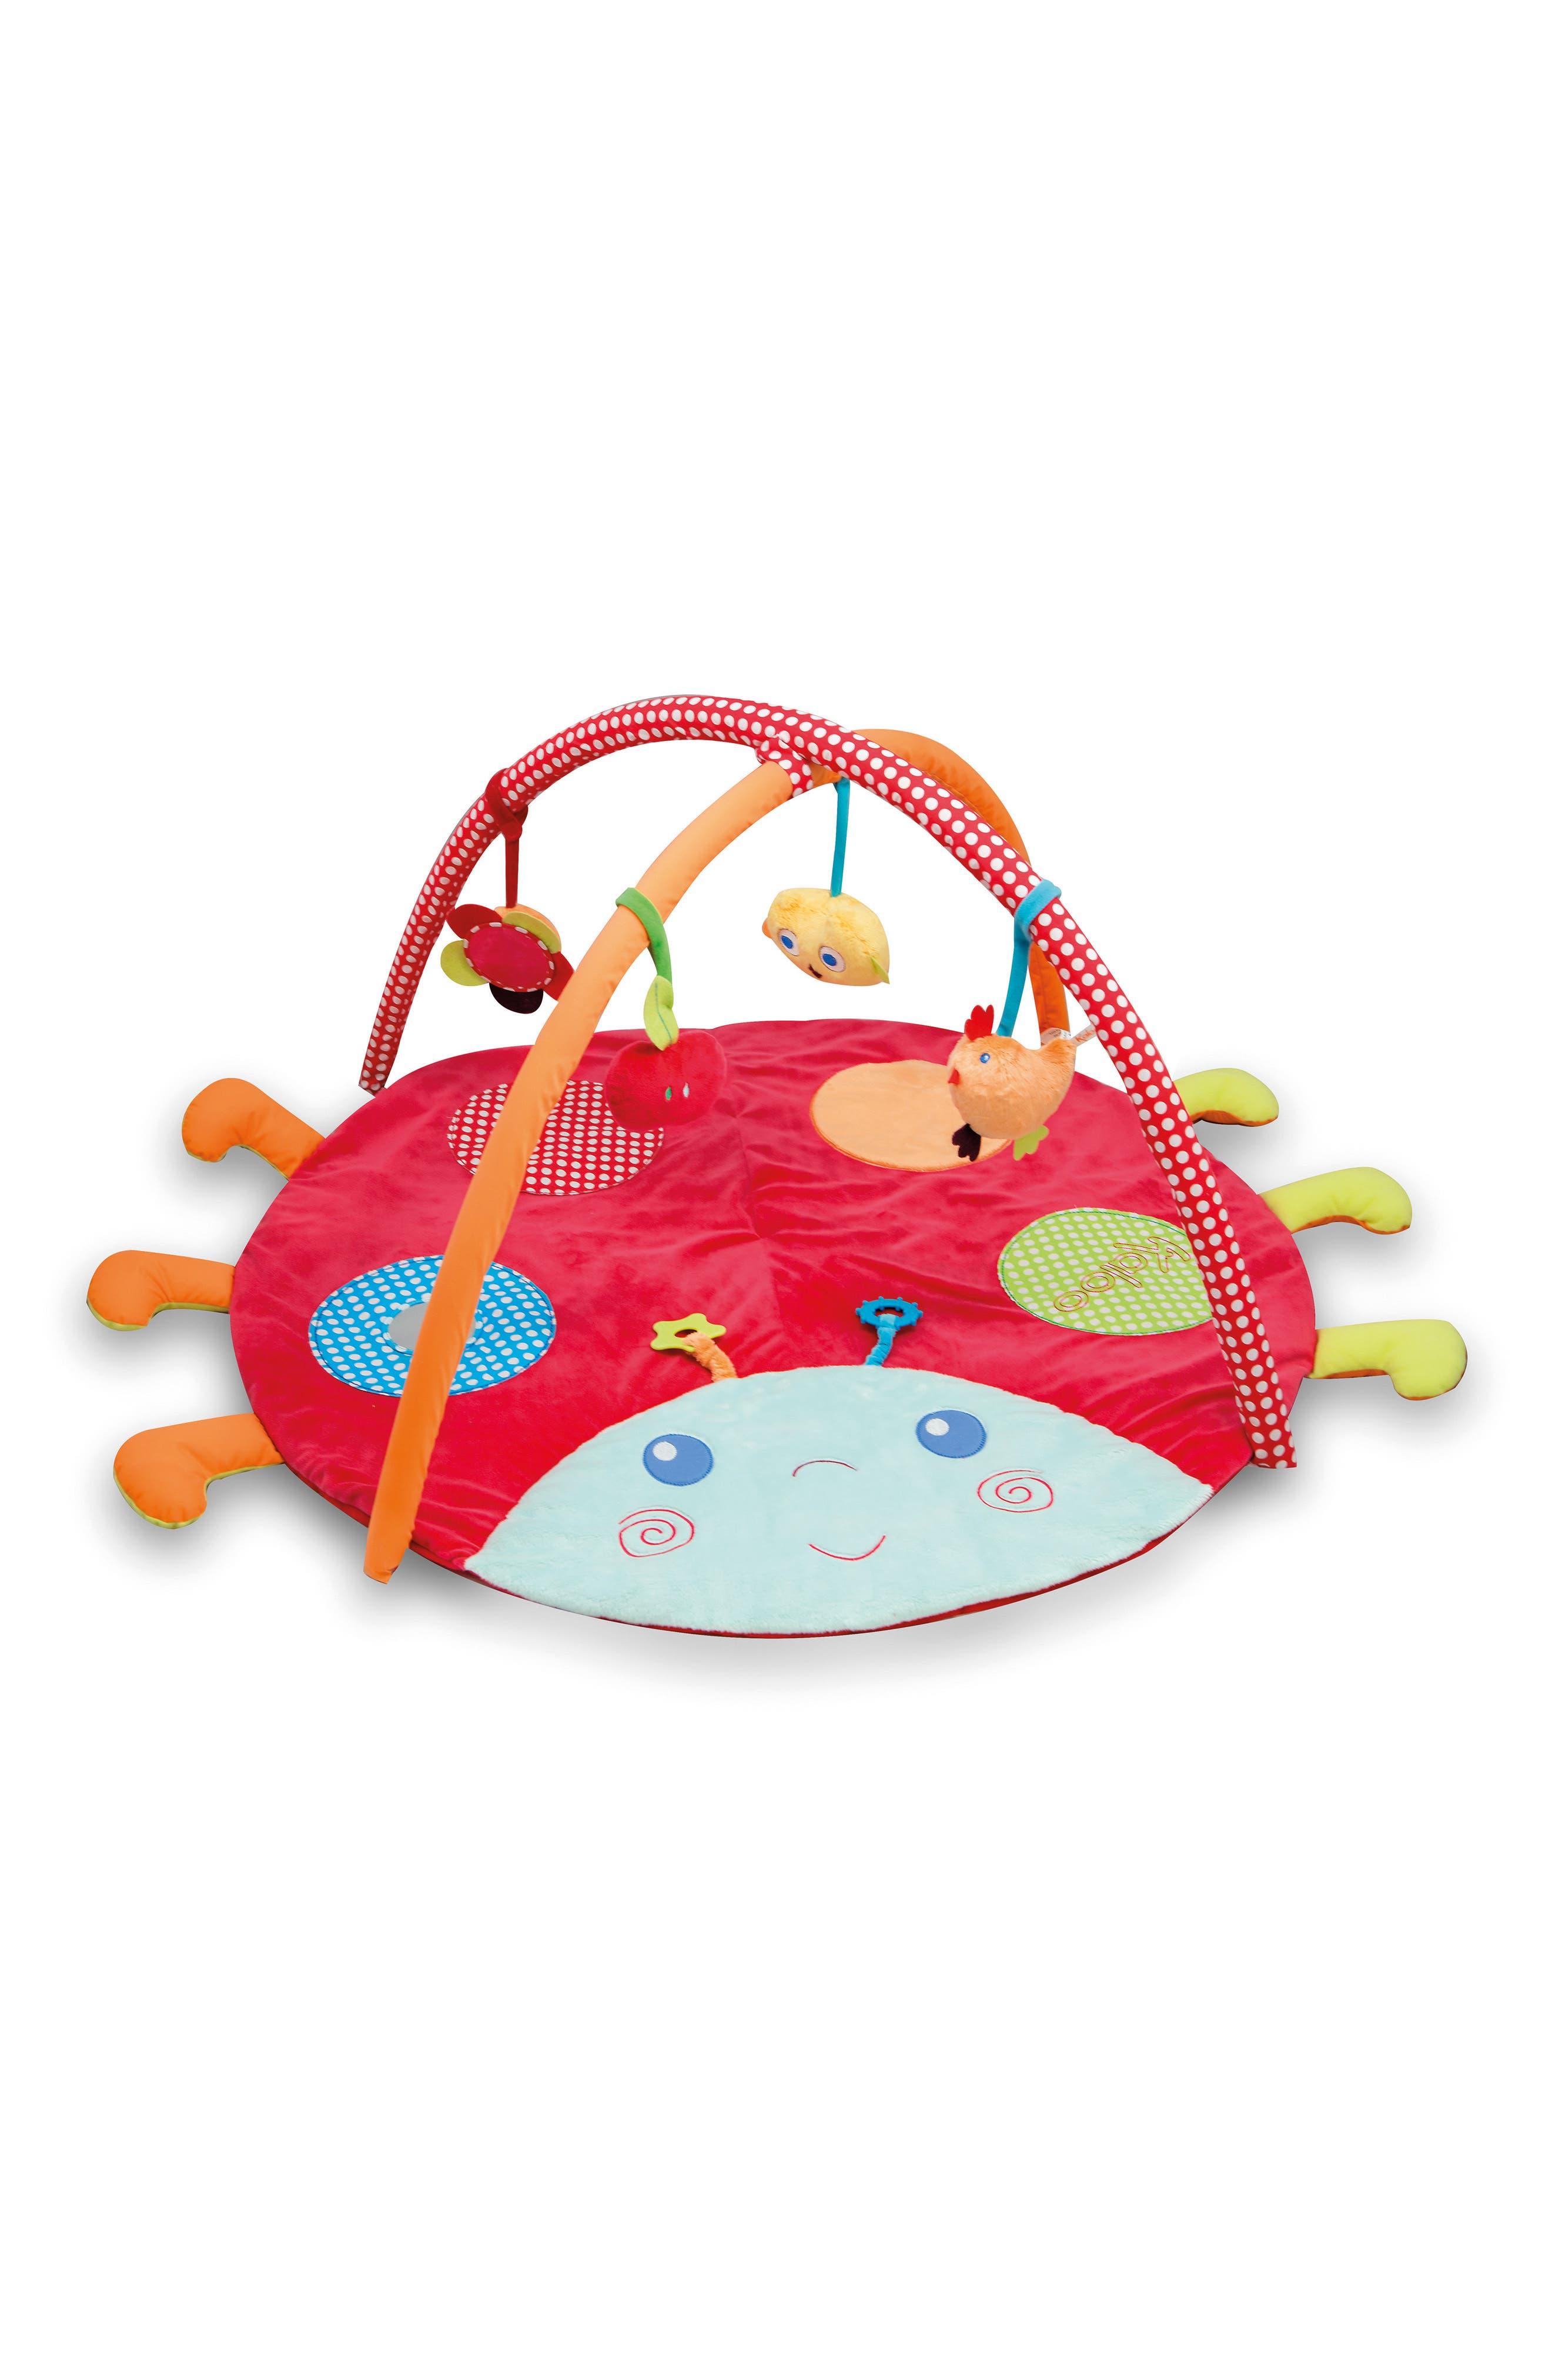 Main Image - Kaloo Ladybug Play Mat